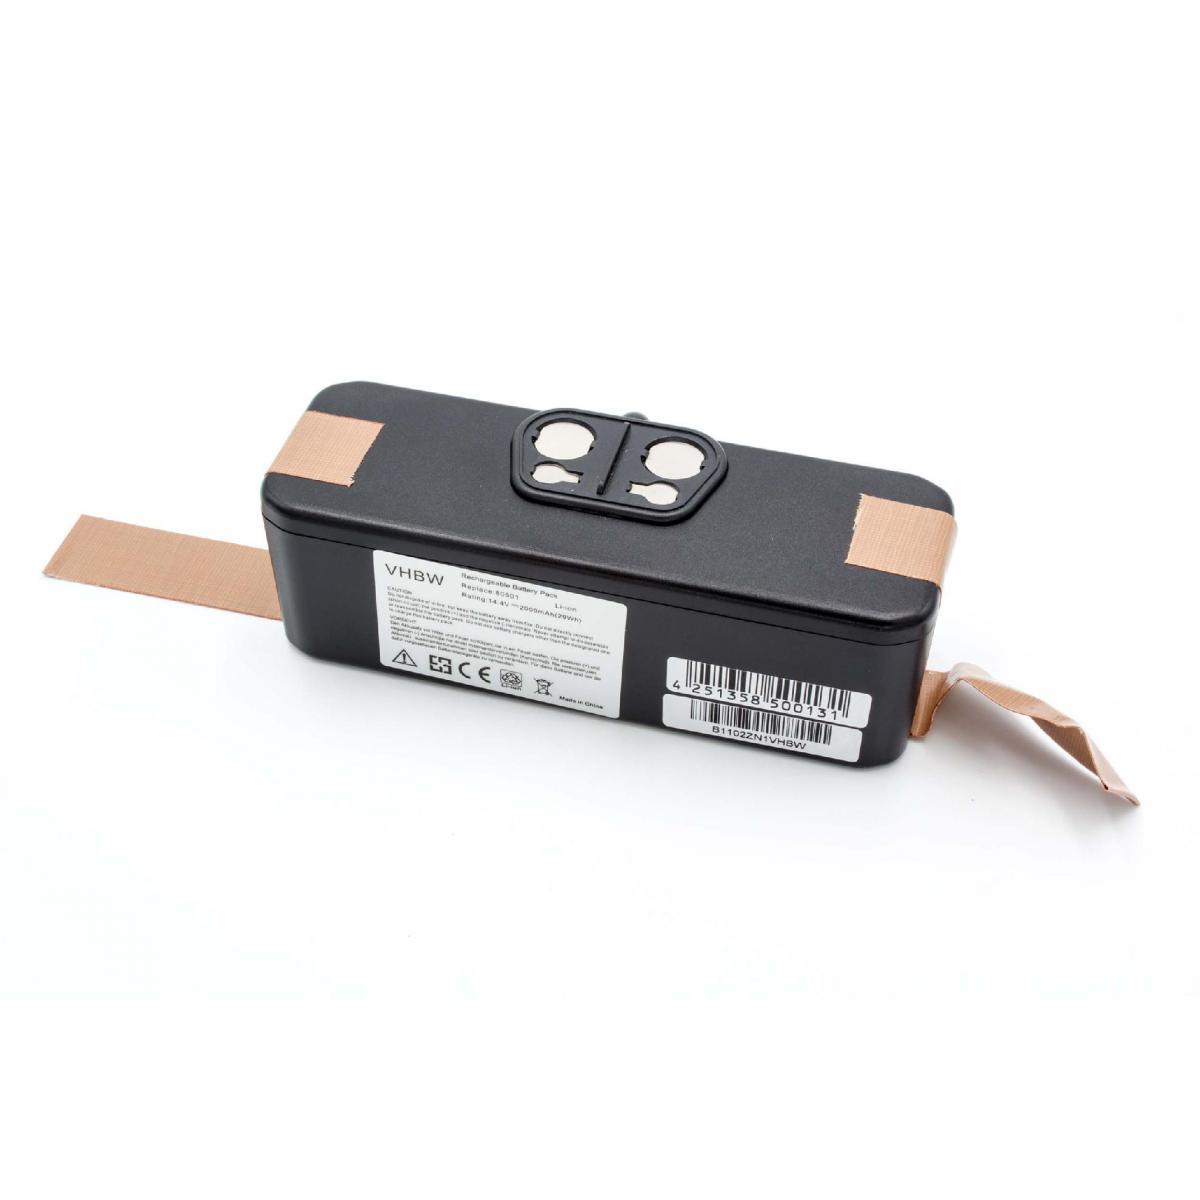 Vhbw vhbw Li-Ion Batterie 2000mAh (14.4V) compatibile avec Klarstein Cleanmate aspirateur remplace 11702, VAC-500NMH-33.